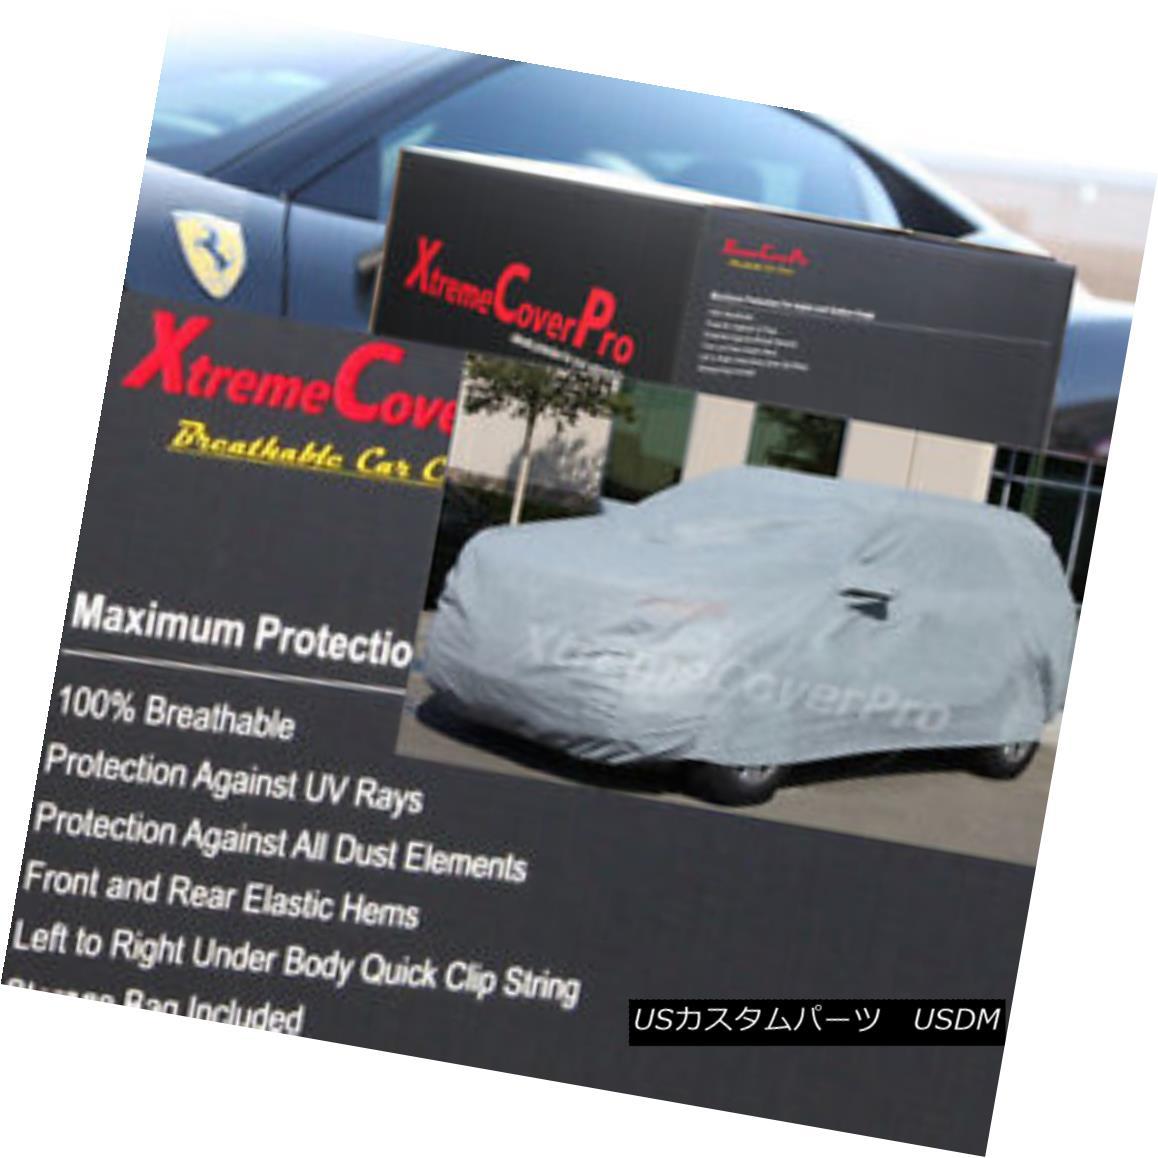 カーカバー 2013 VolksWagen Touareg Breathable Car Cover w/MirrorPocket MirrorPocketつきのVolksWagen Touareg通気性カーカバー